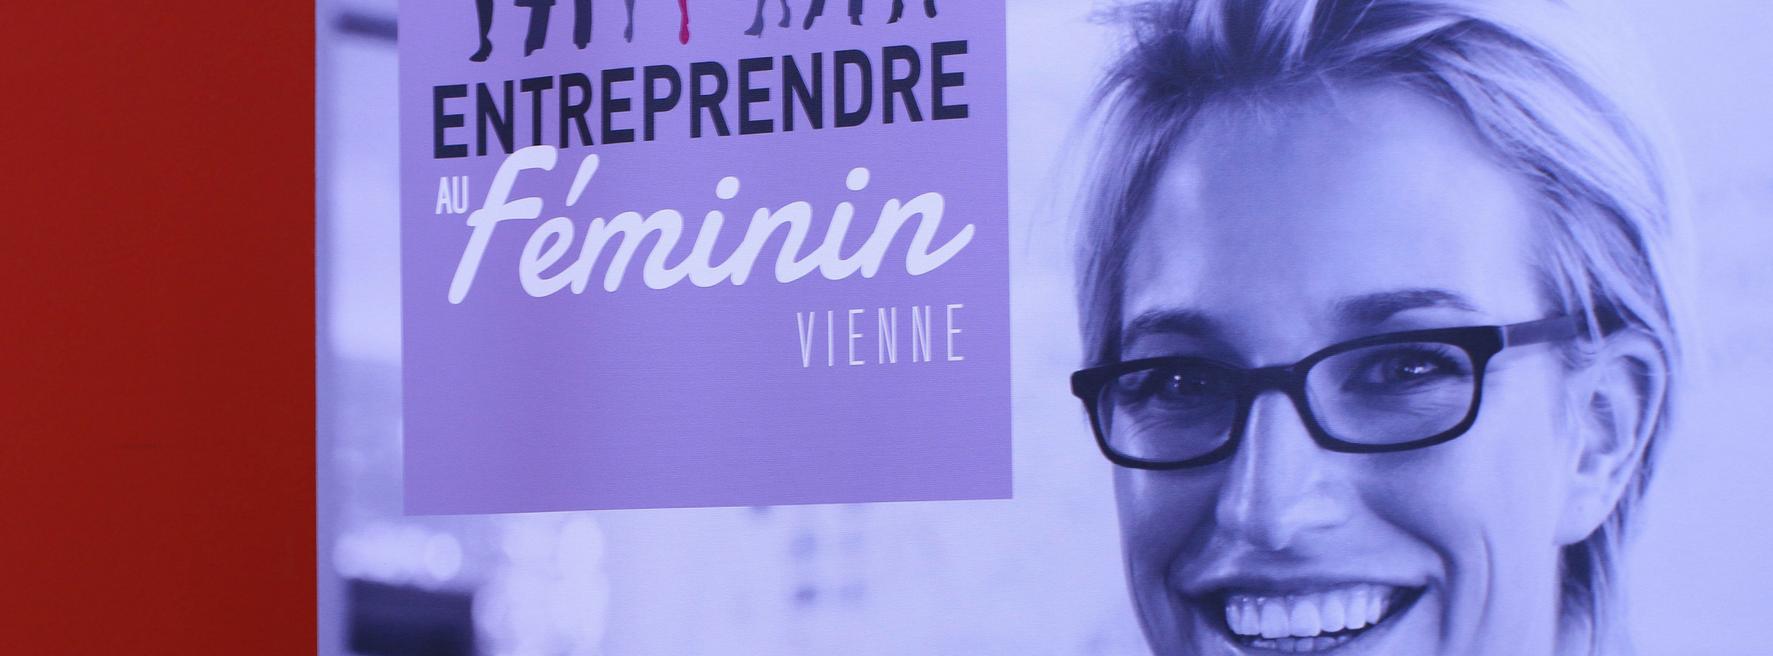 Stand d'Entreprendre au féminin Vienne 2018 à la journée des associations 2018 de Poitiers